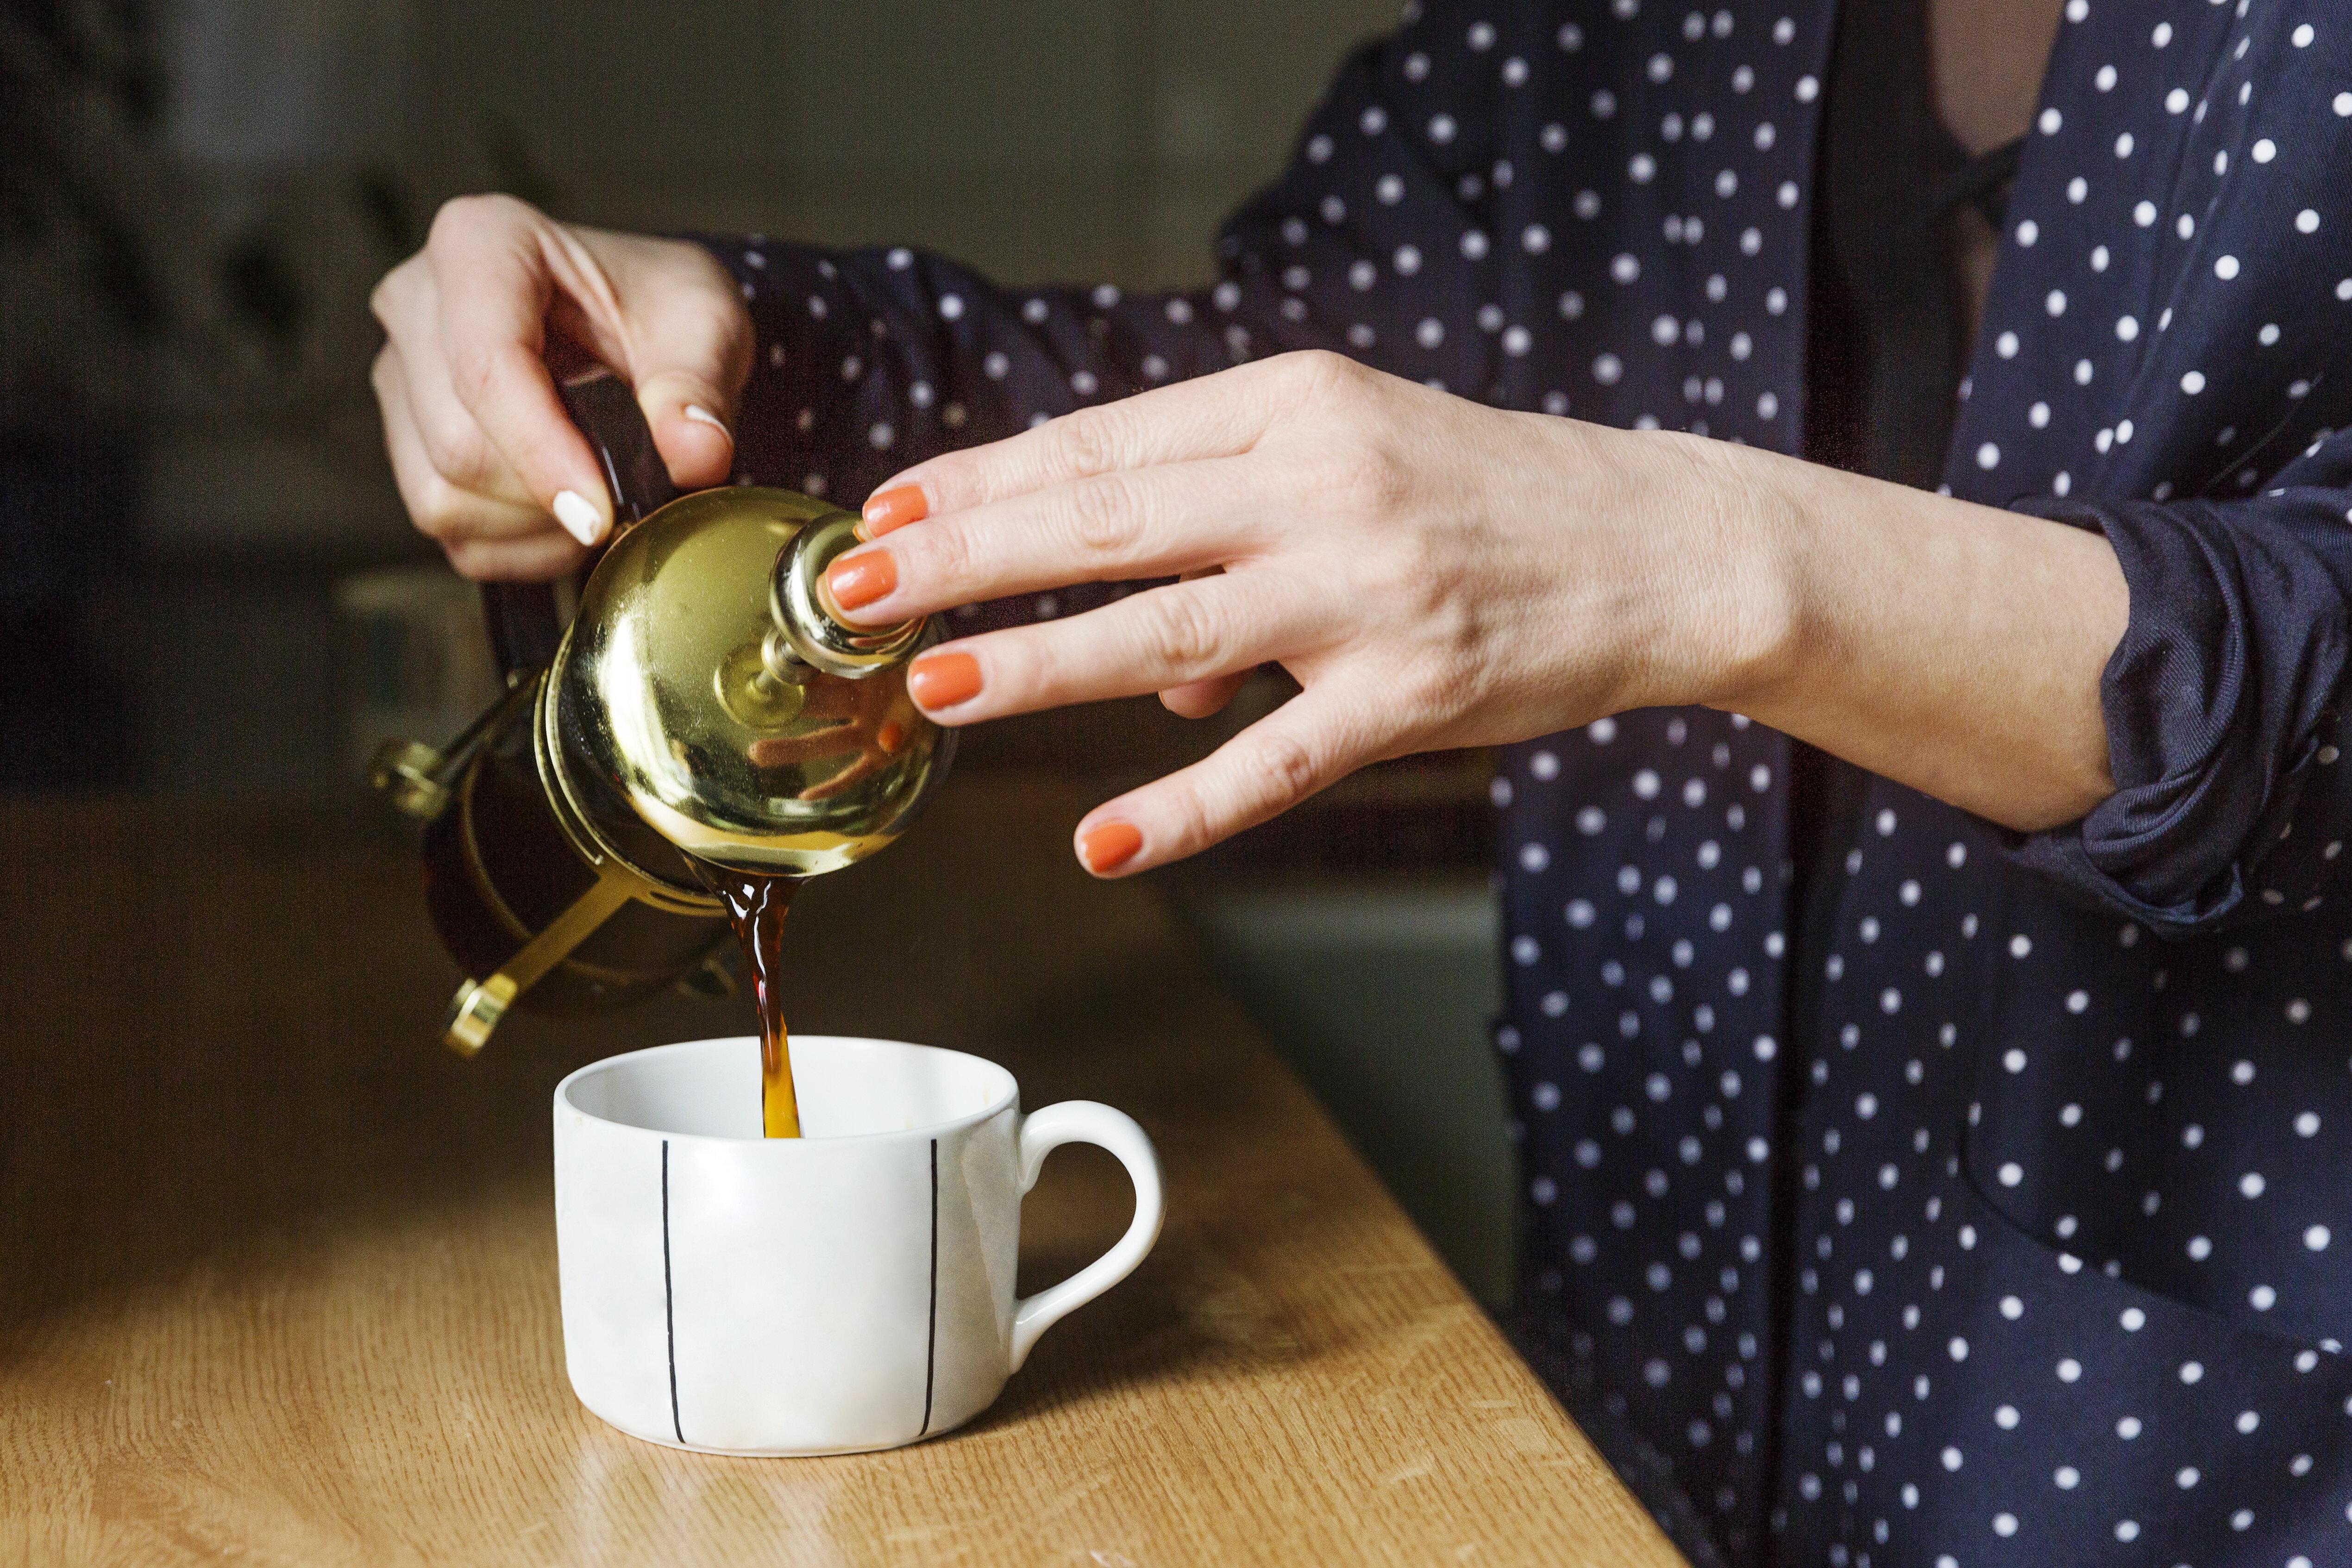 Pesquisa mostra que é possível tomar chá sem açúcar (mas é preciso